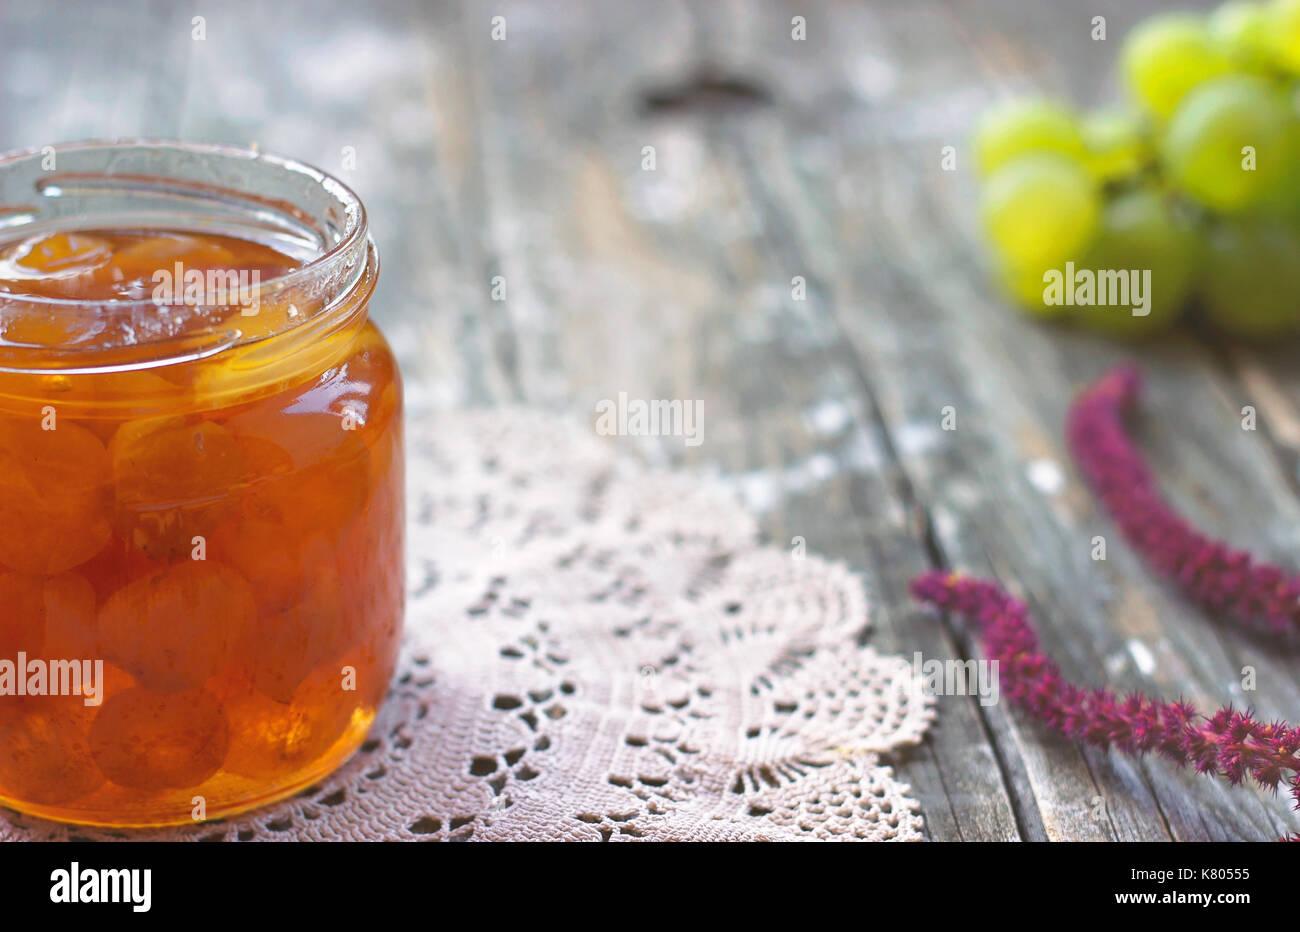 Slatko erhaltenen weißen Trauben in Glas, Holz- Hintergrund; traditionelle serbische Wüste aus weißen Trauben oder weiße Kirschen Stockbild